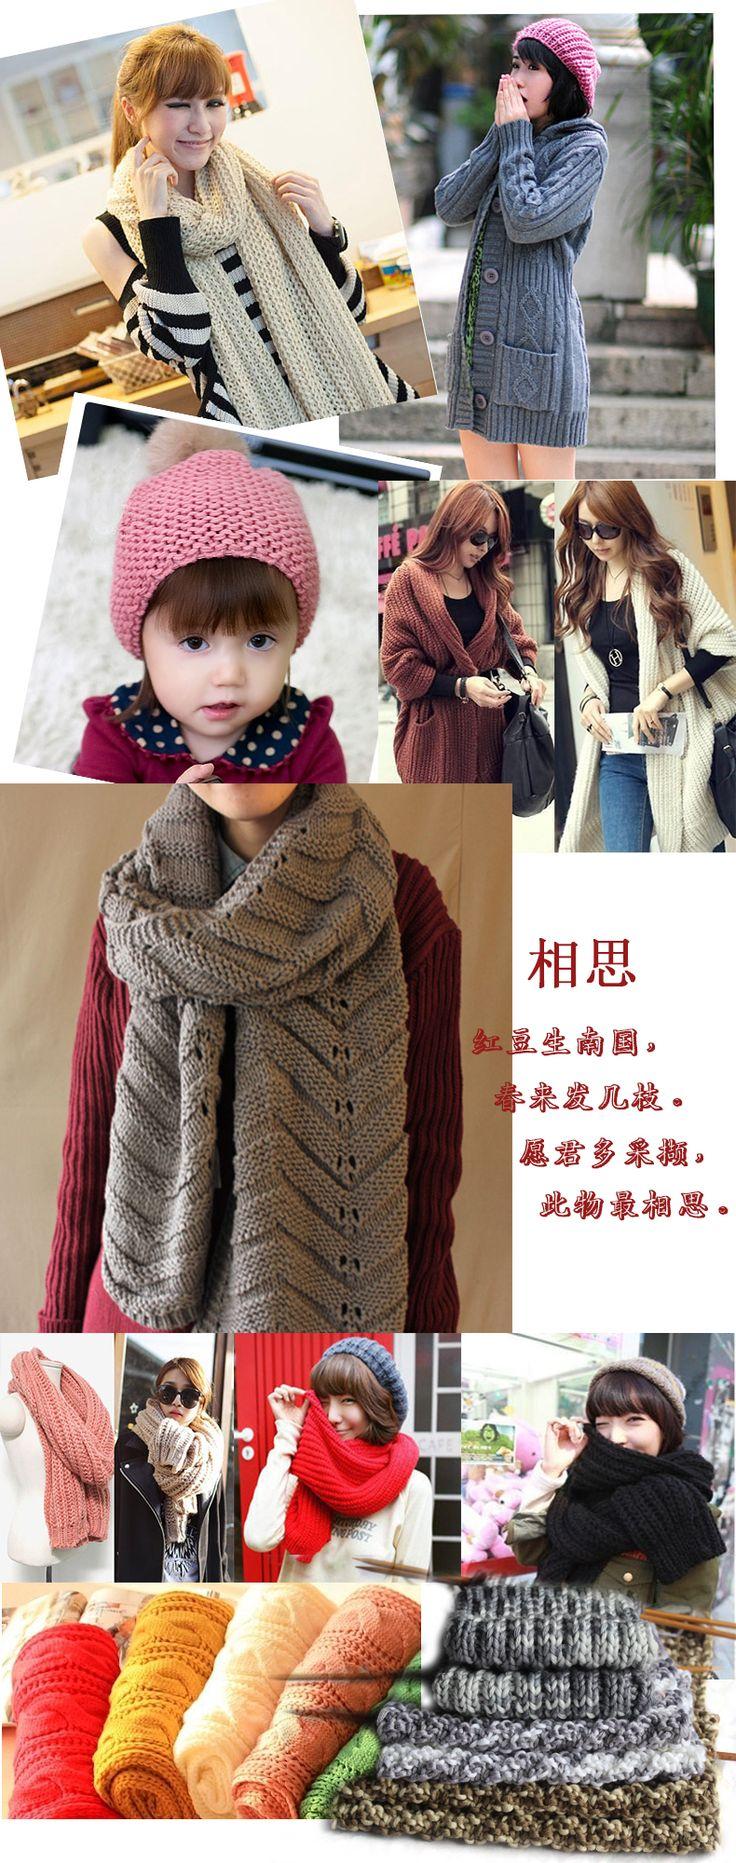 Шерстяная пряжа Clothing fabric embroidery 18